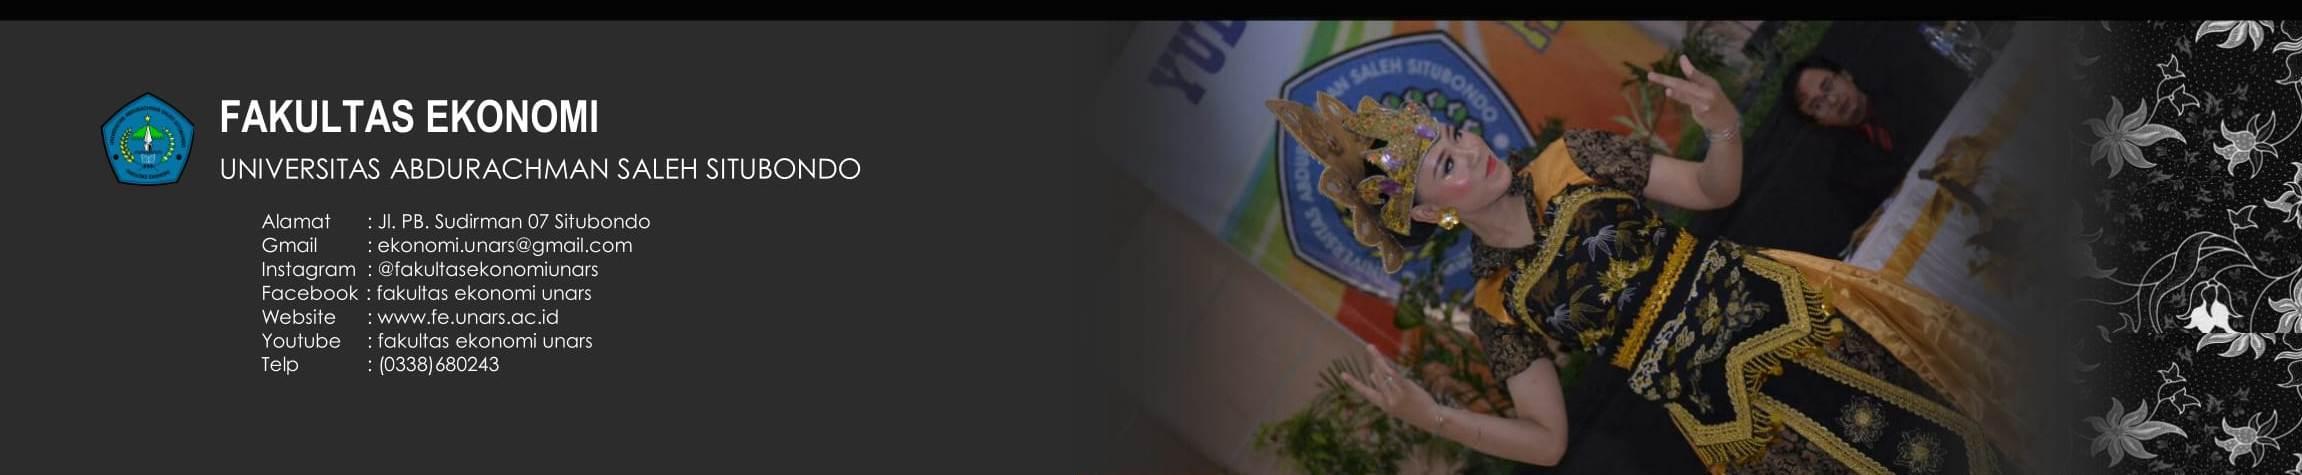 Fakultas Ekonomi Universitas Abdurachman Saleh Situbondo